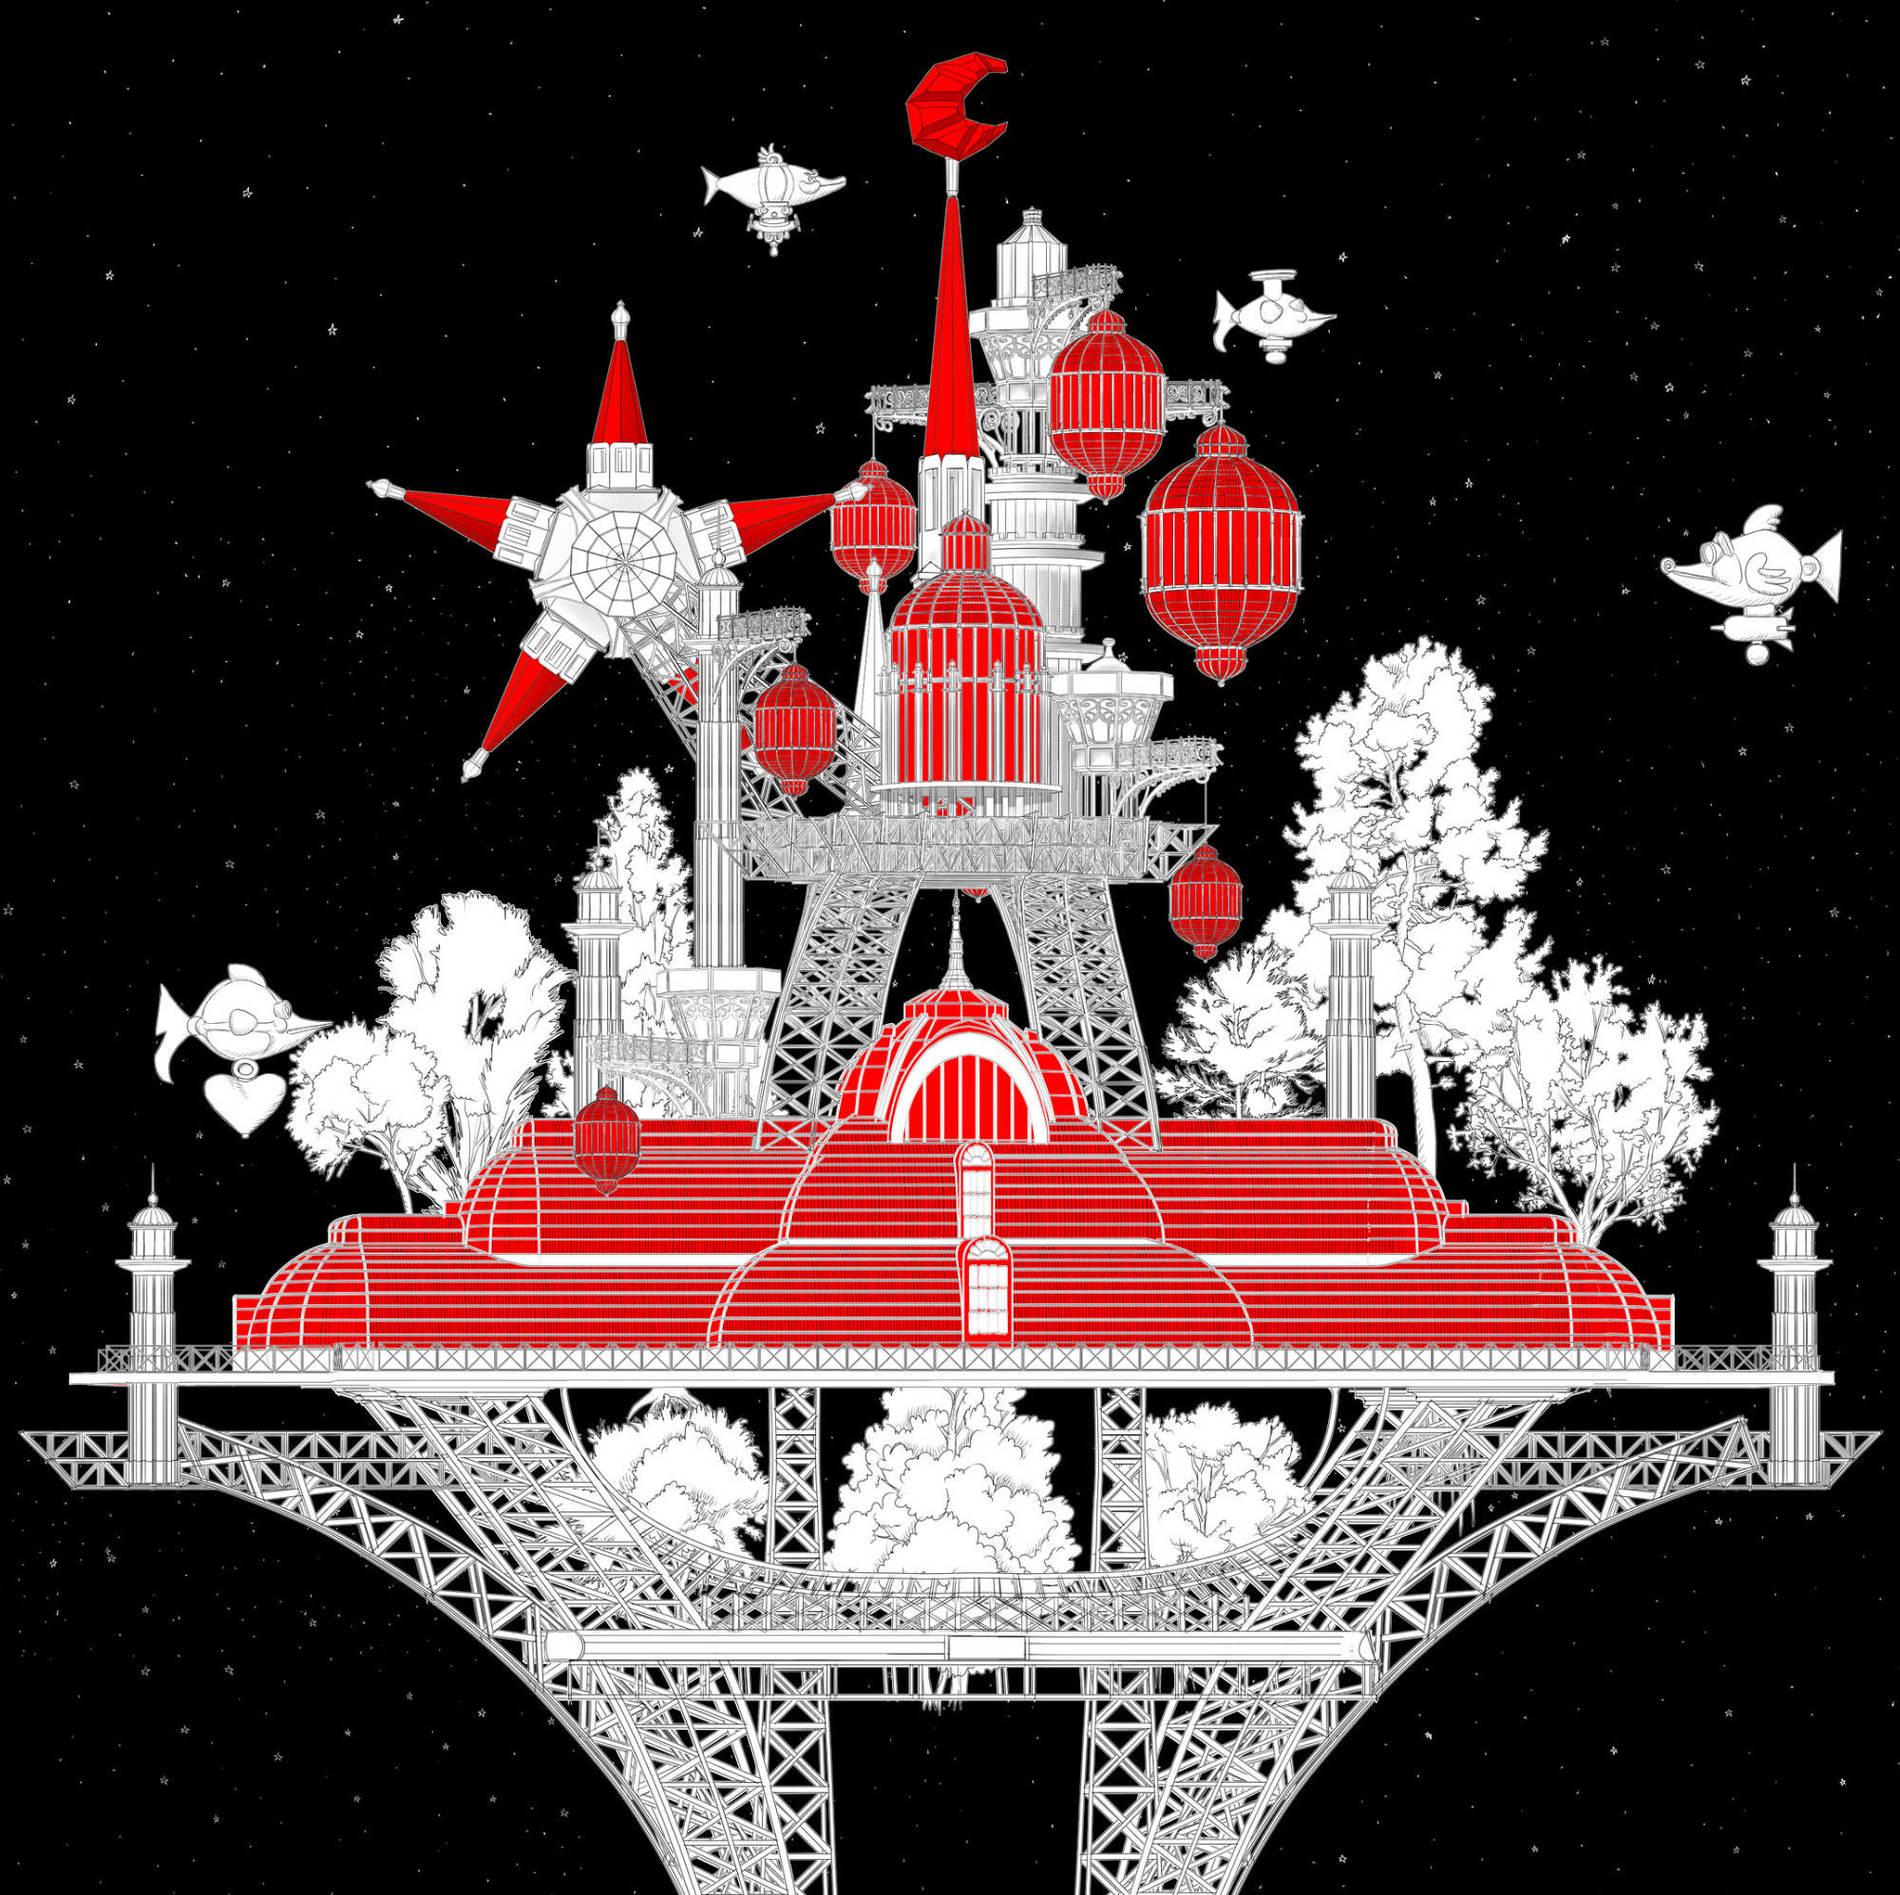 ·: Nicolas Buffe :· - Palais_royaume_lune_1k9